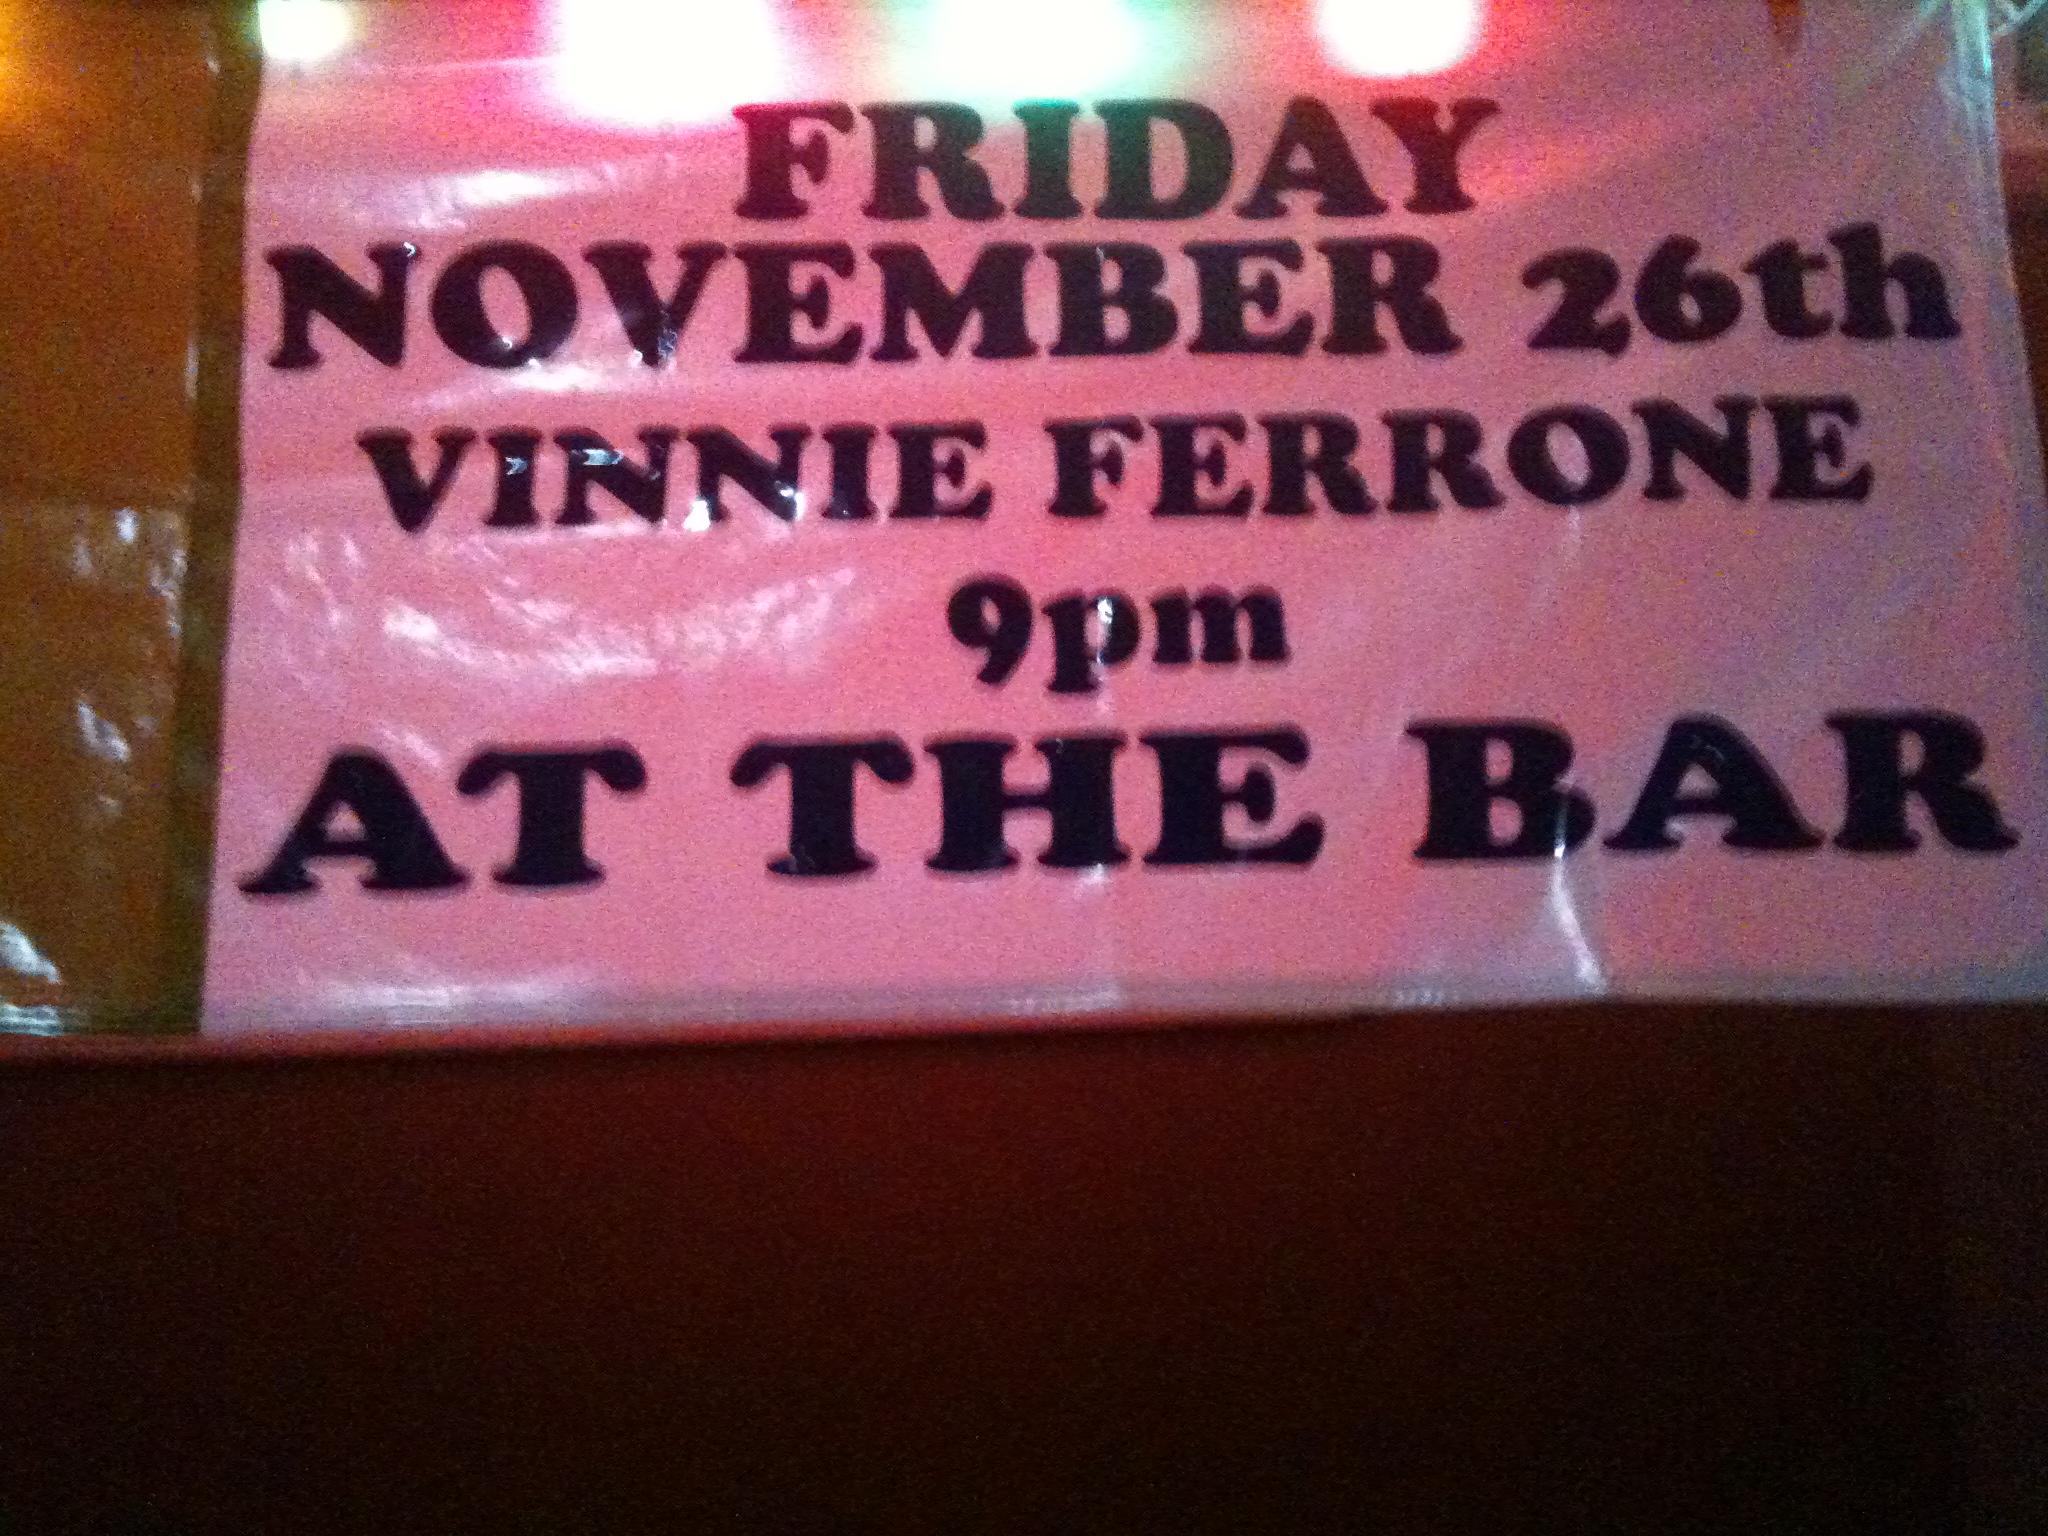 The Venice (Bayonne, NJ)